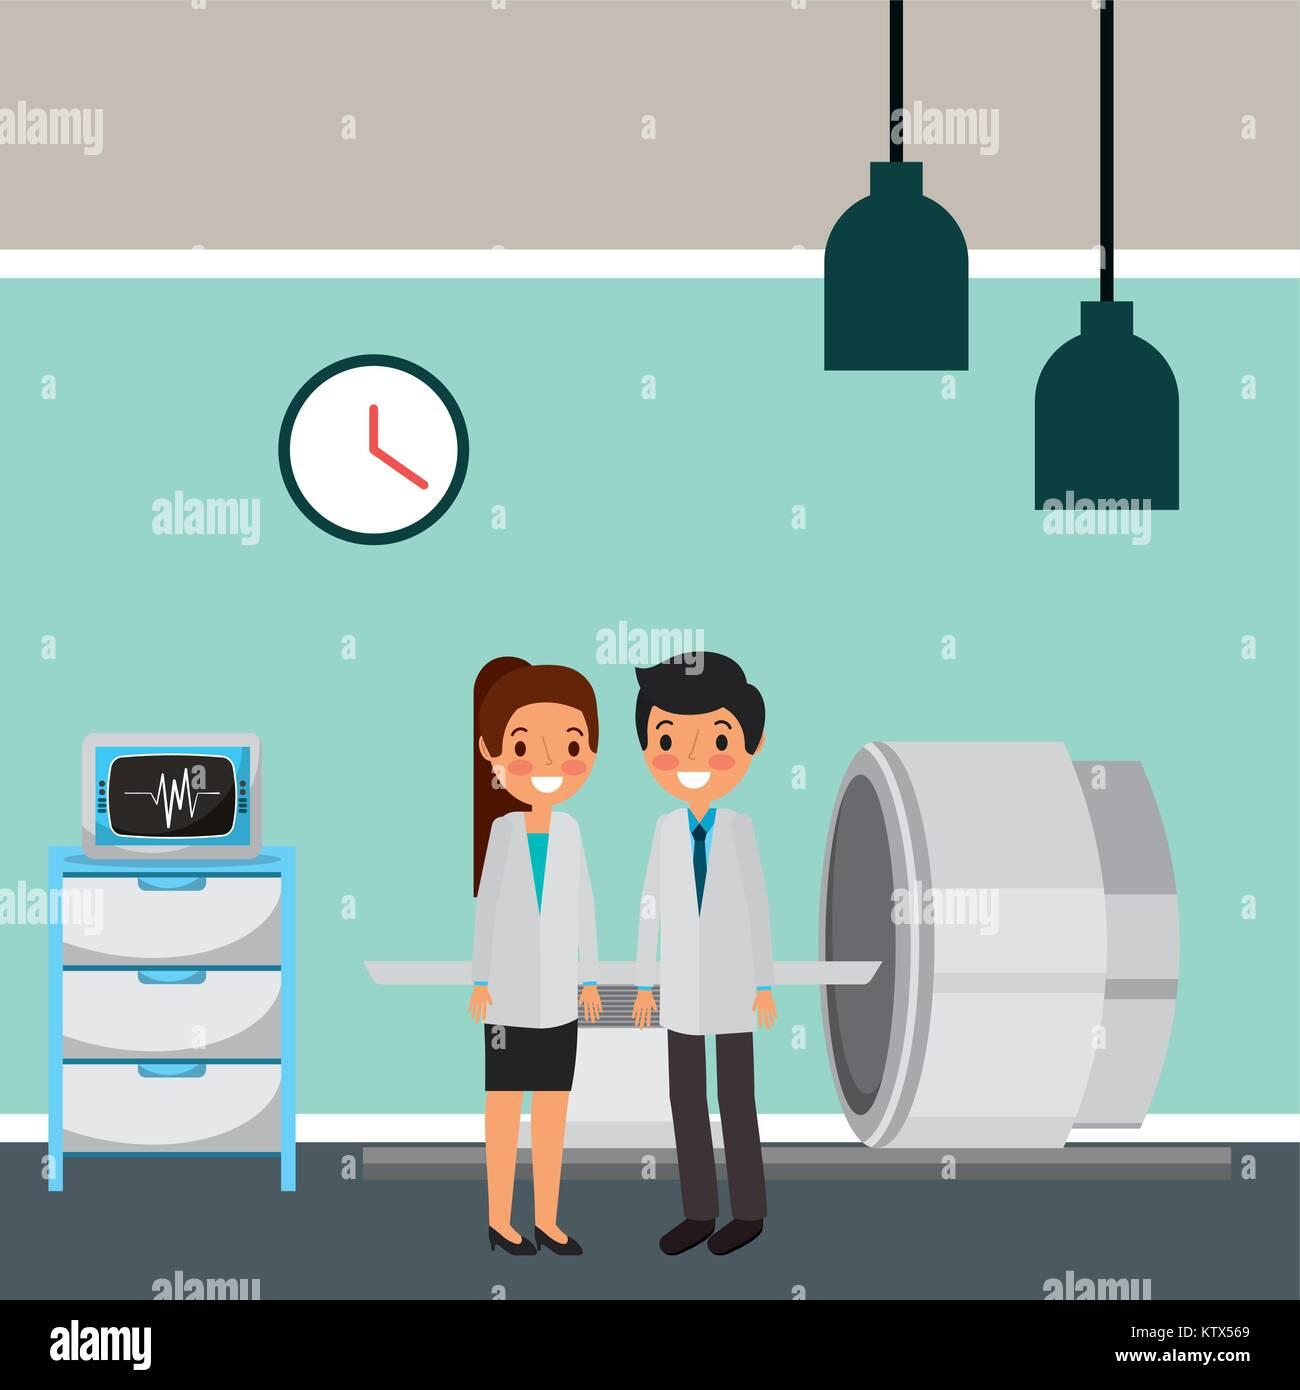 doctors body brain scan machine in procedure room - Stock Image